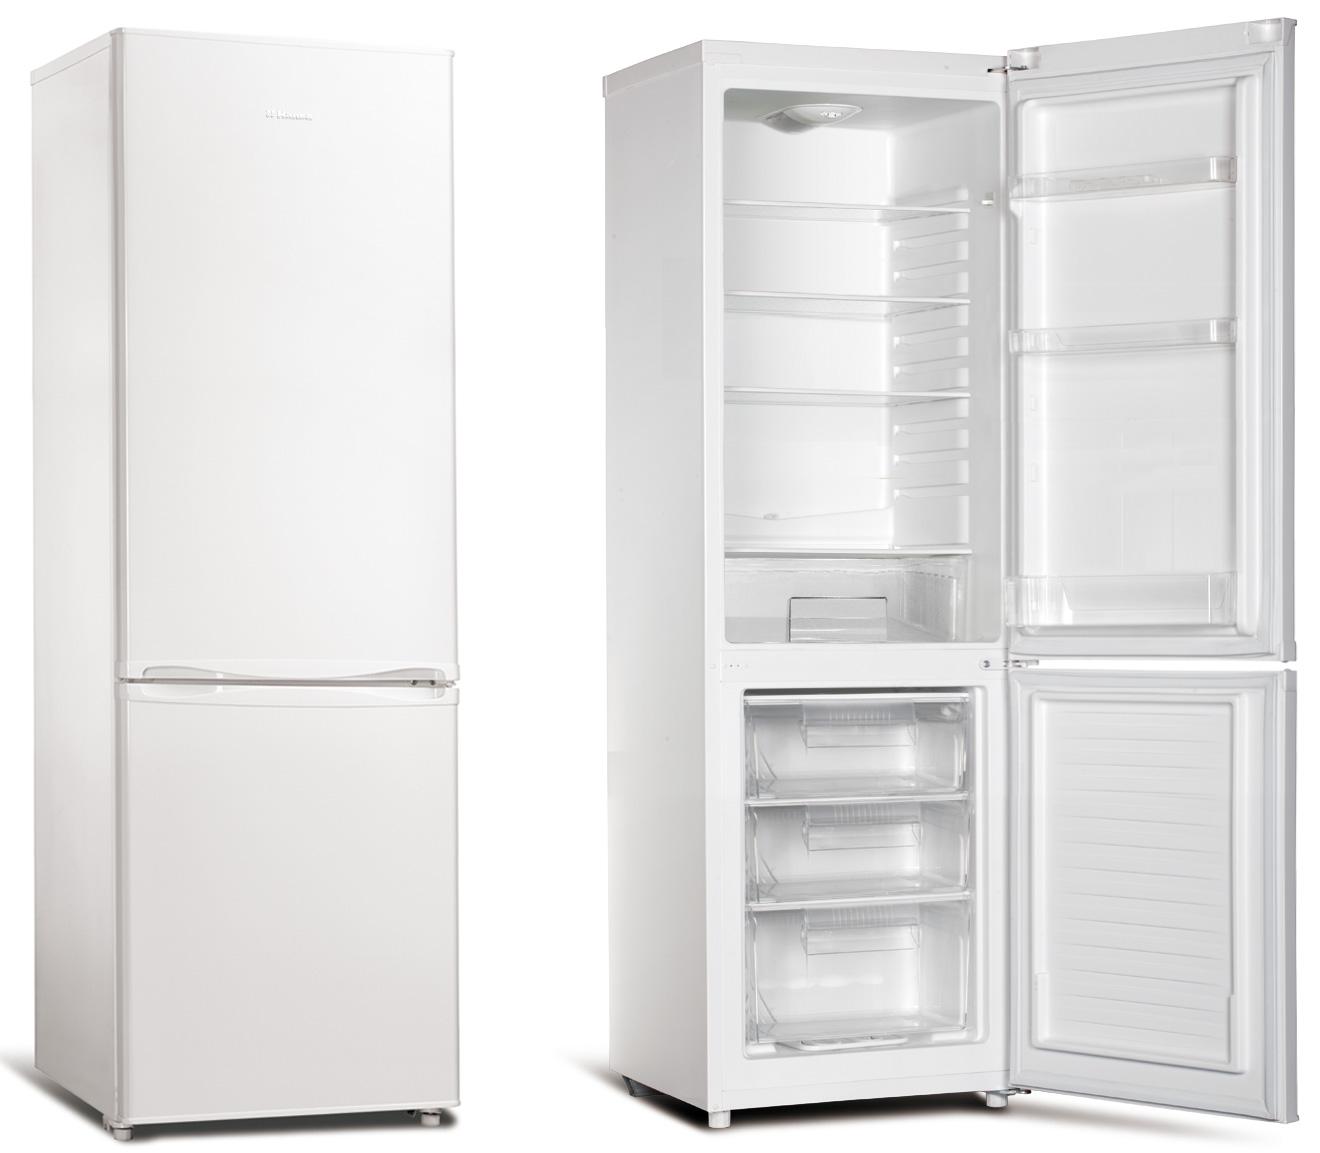 Уложиться в бюджет_холодильники_ч1 - два холодильника hansa